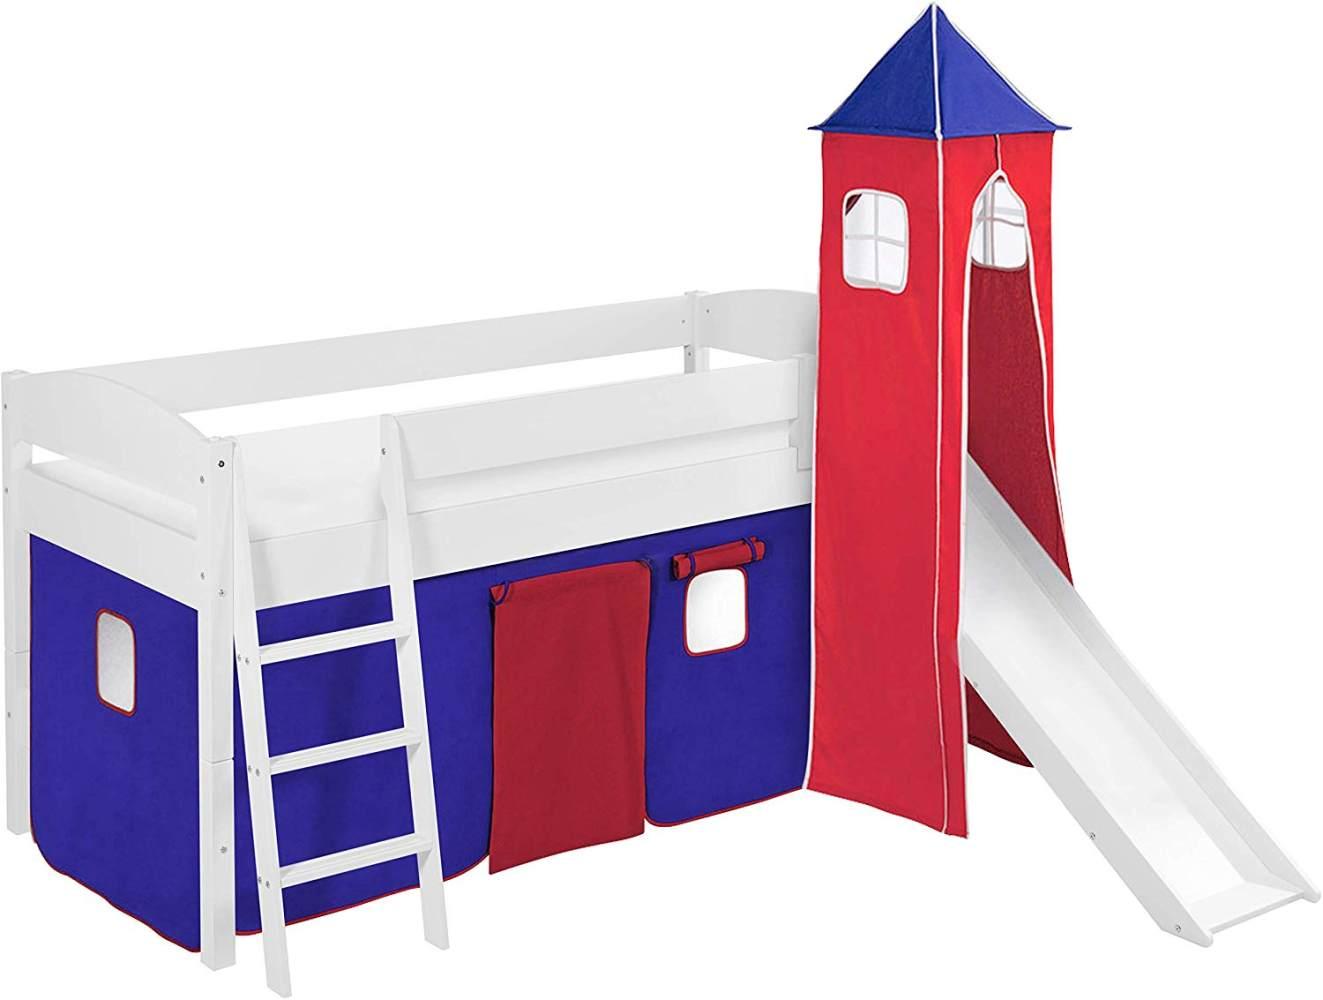 Lilokids 'Ida 4105' Spielbett 90 x 200 cm, Blau Rot, Kiefer massiv, mit Turm, Rutsche und Vorhang Bild 1